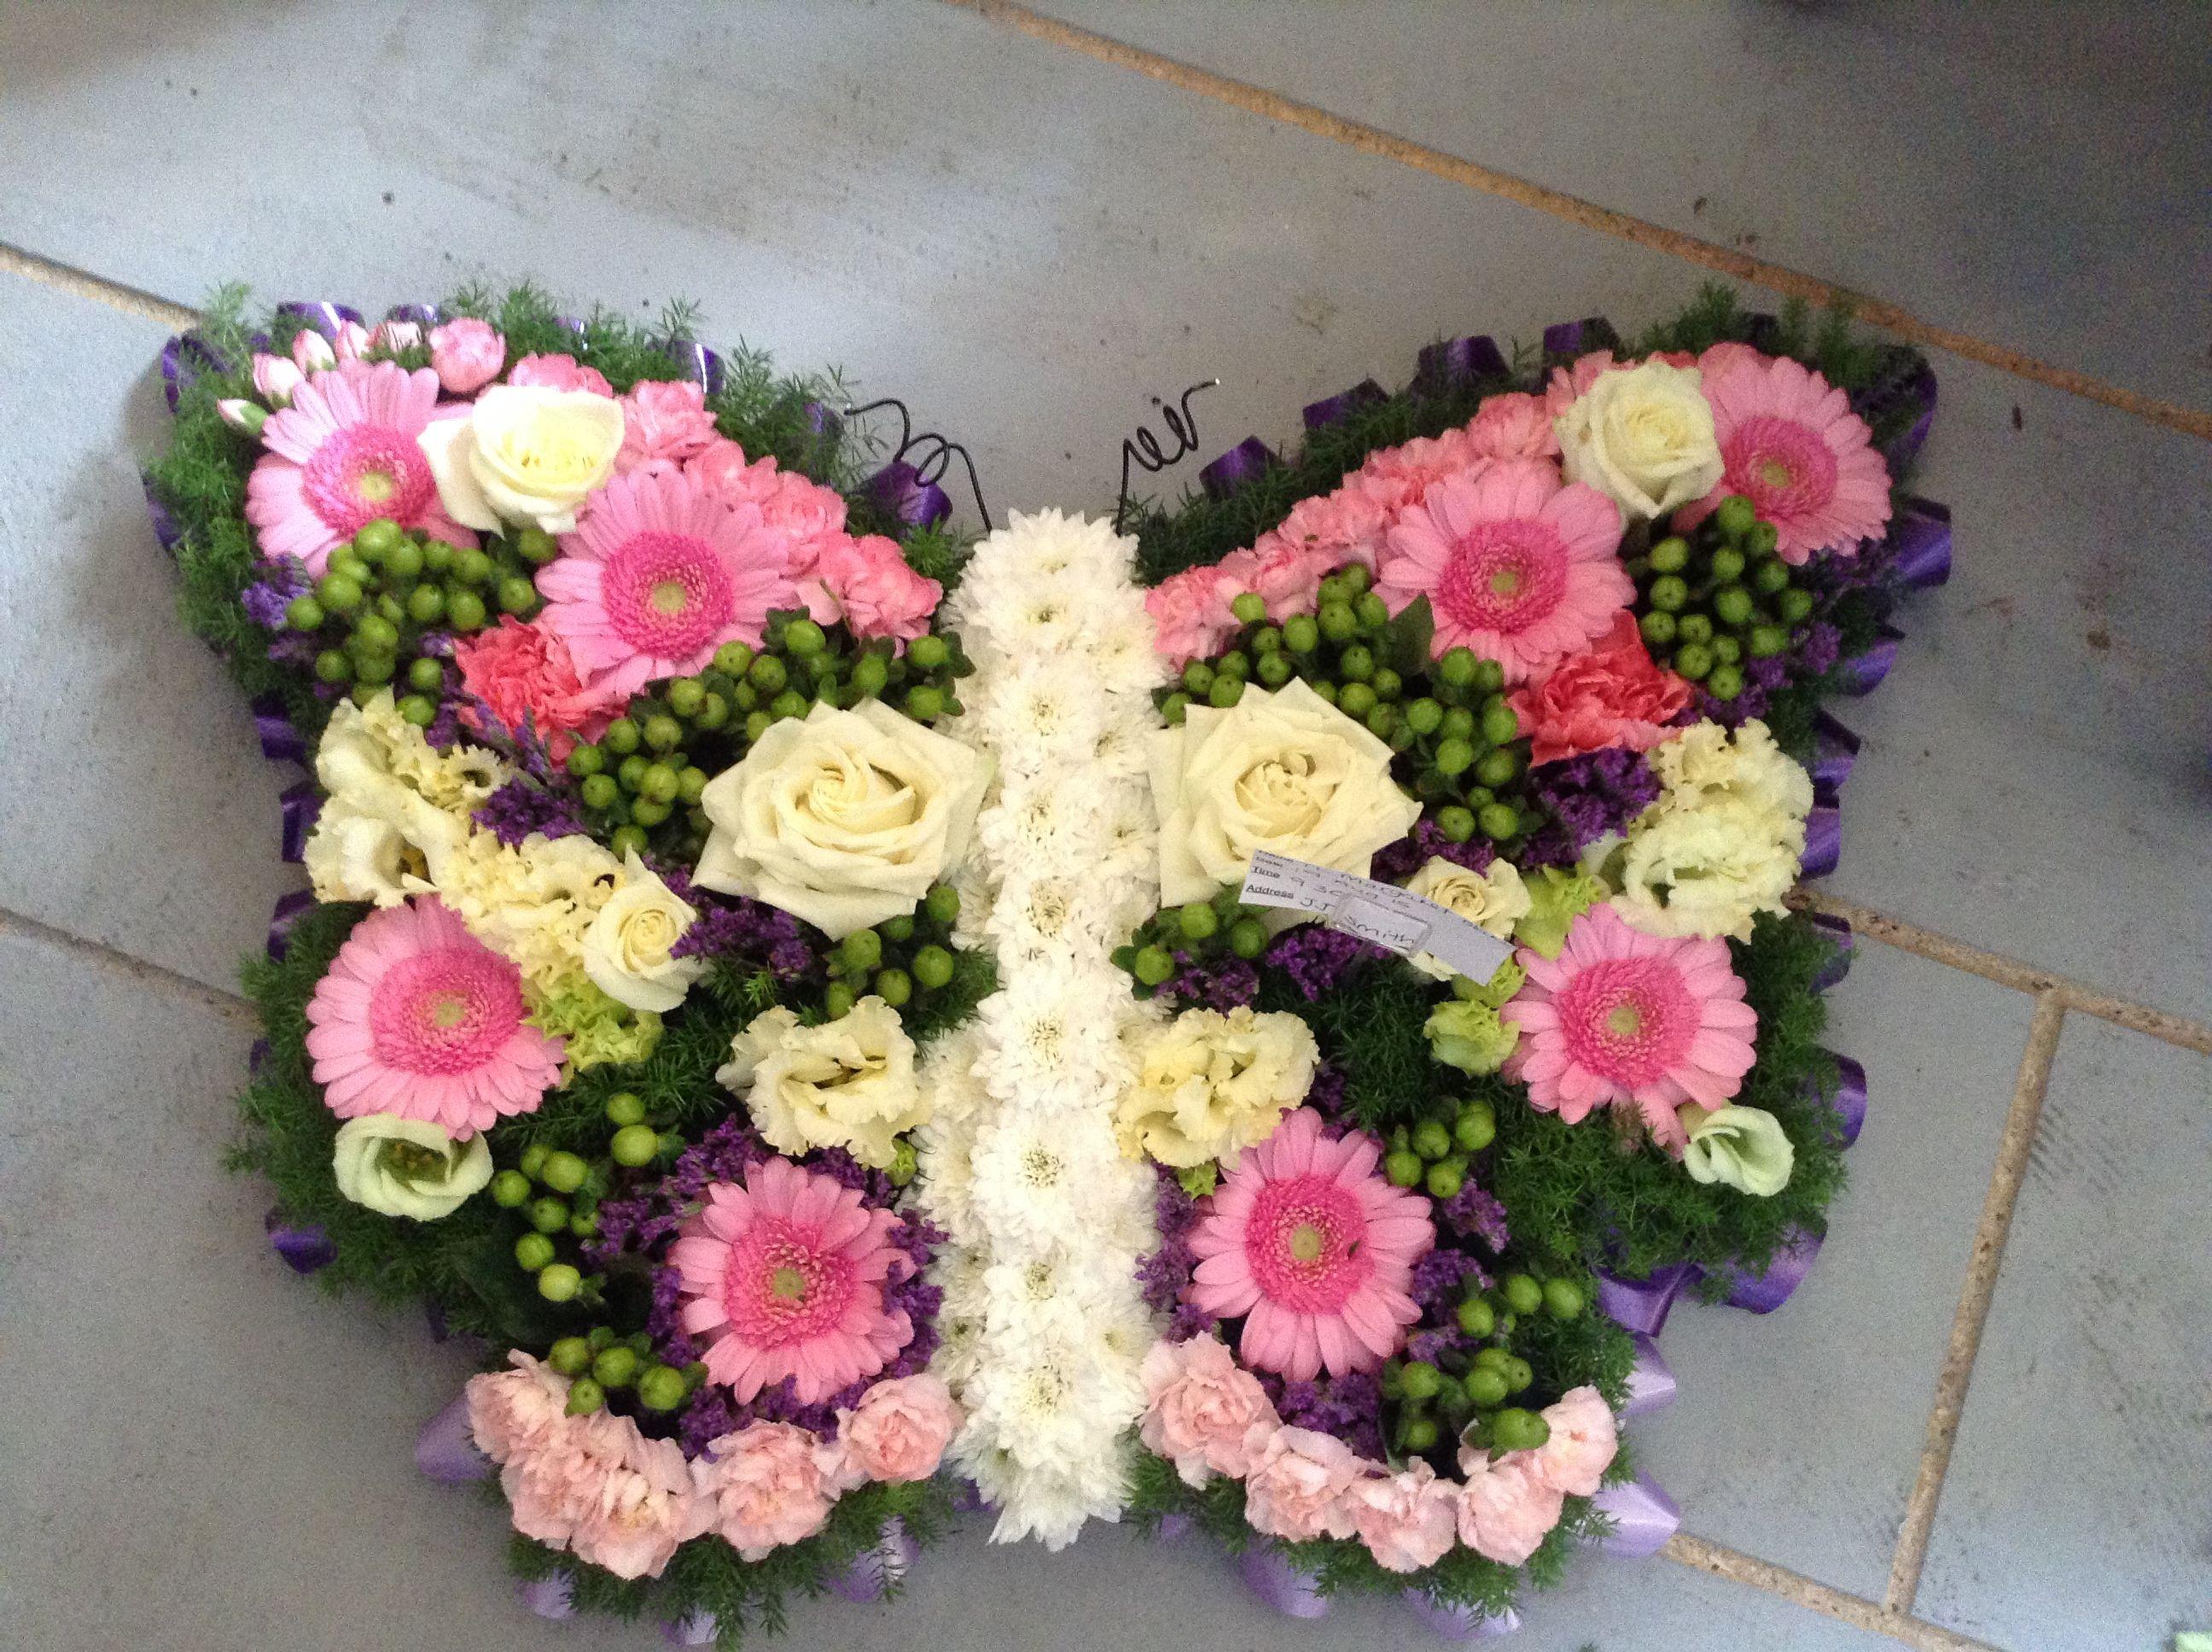 Pink Butterfly Funeral Flower Tribute Bespoke Funeral Flowers